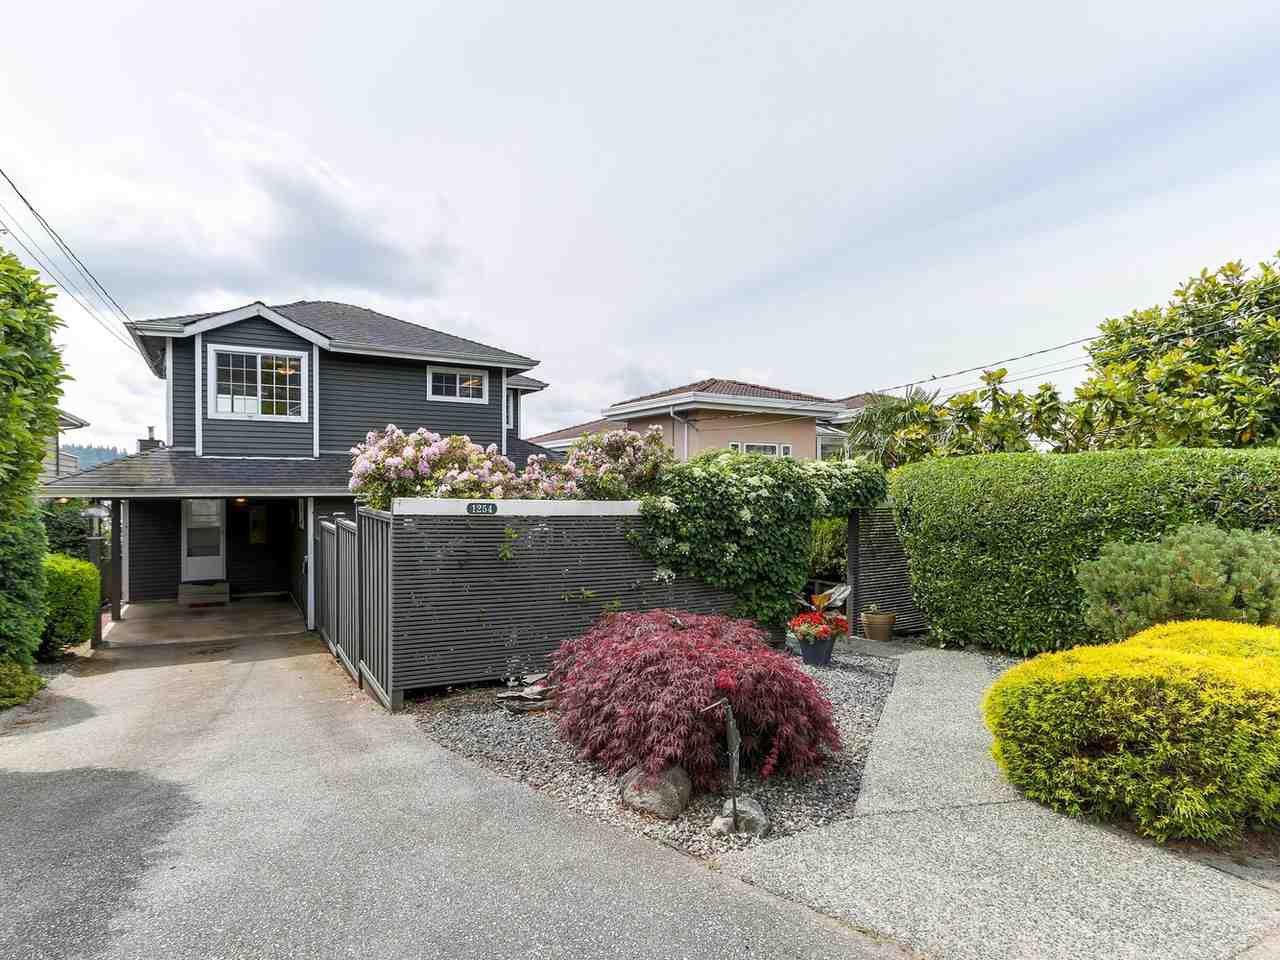 Main Photo: 1254 ESQUIMALT AVENUE in West Vancouver: Ambleside House for sale : MLS®# R2275871